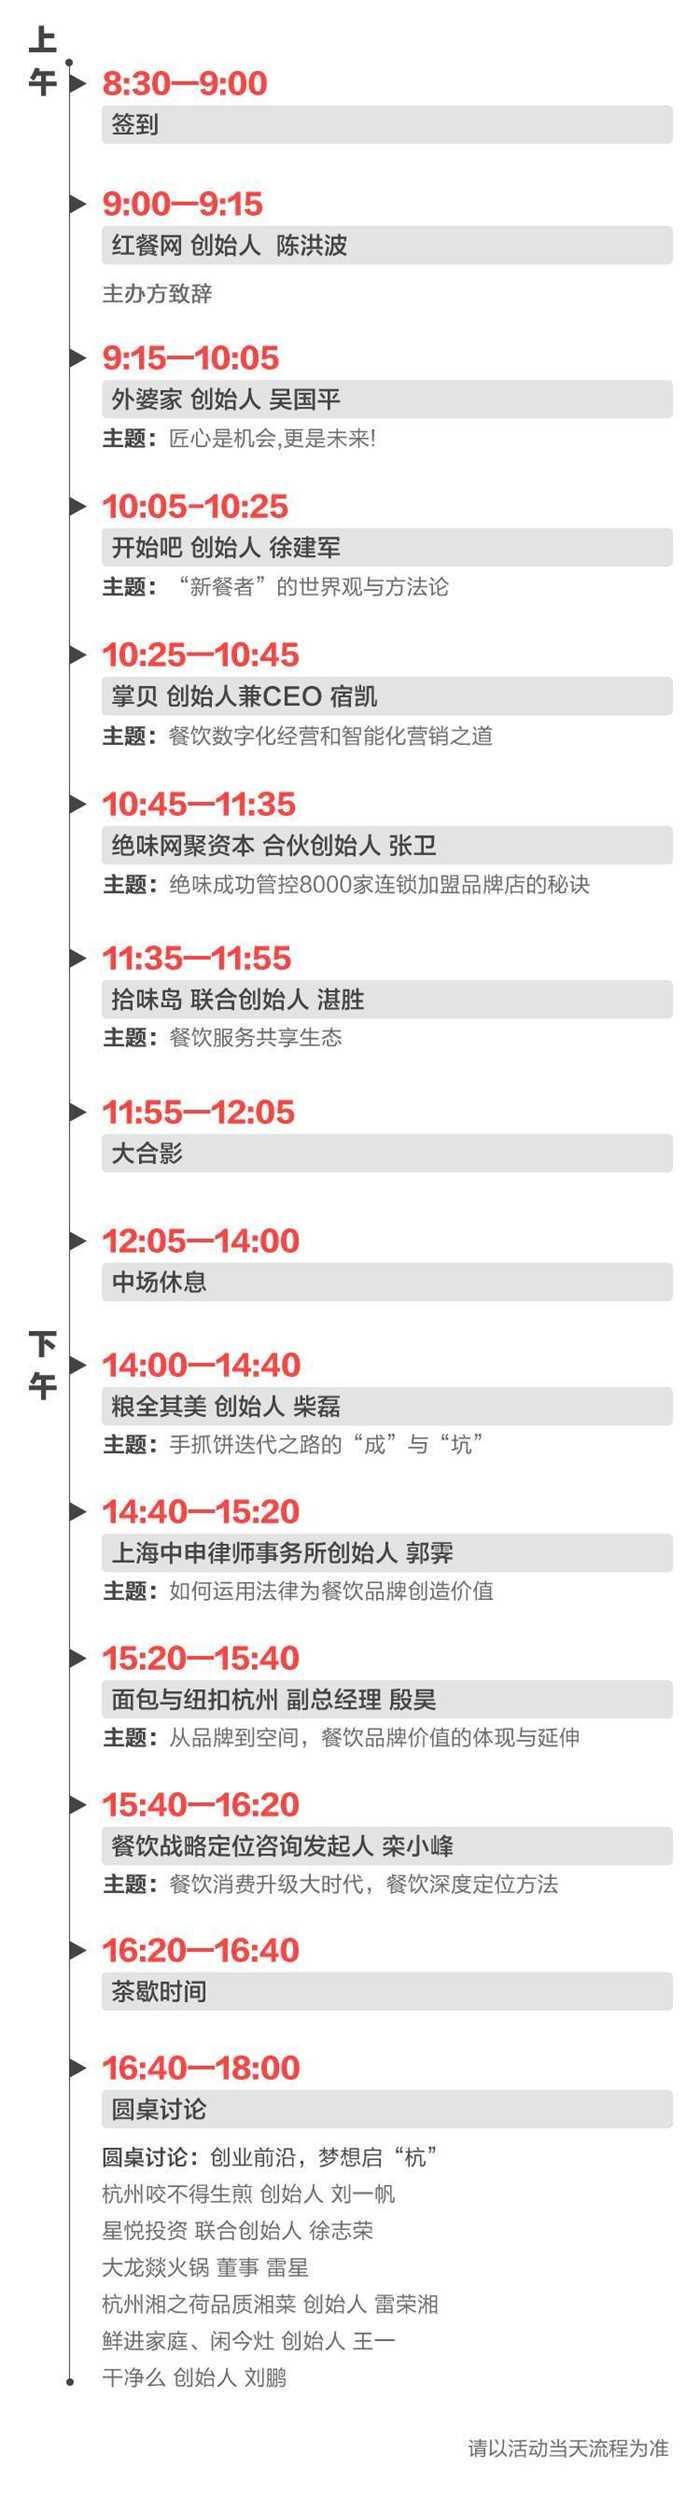 杭州站-微信文章流程 拷贝.jpg